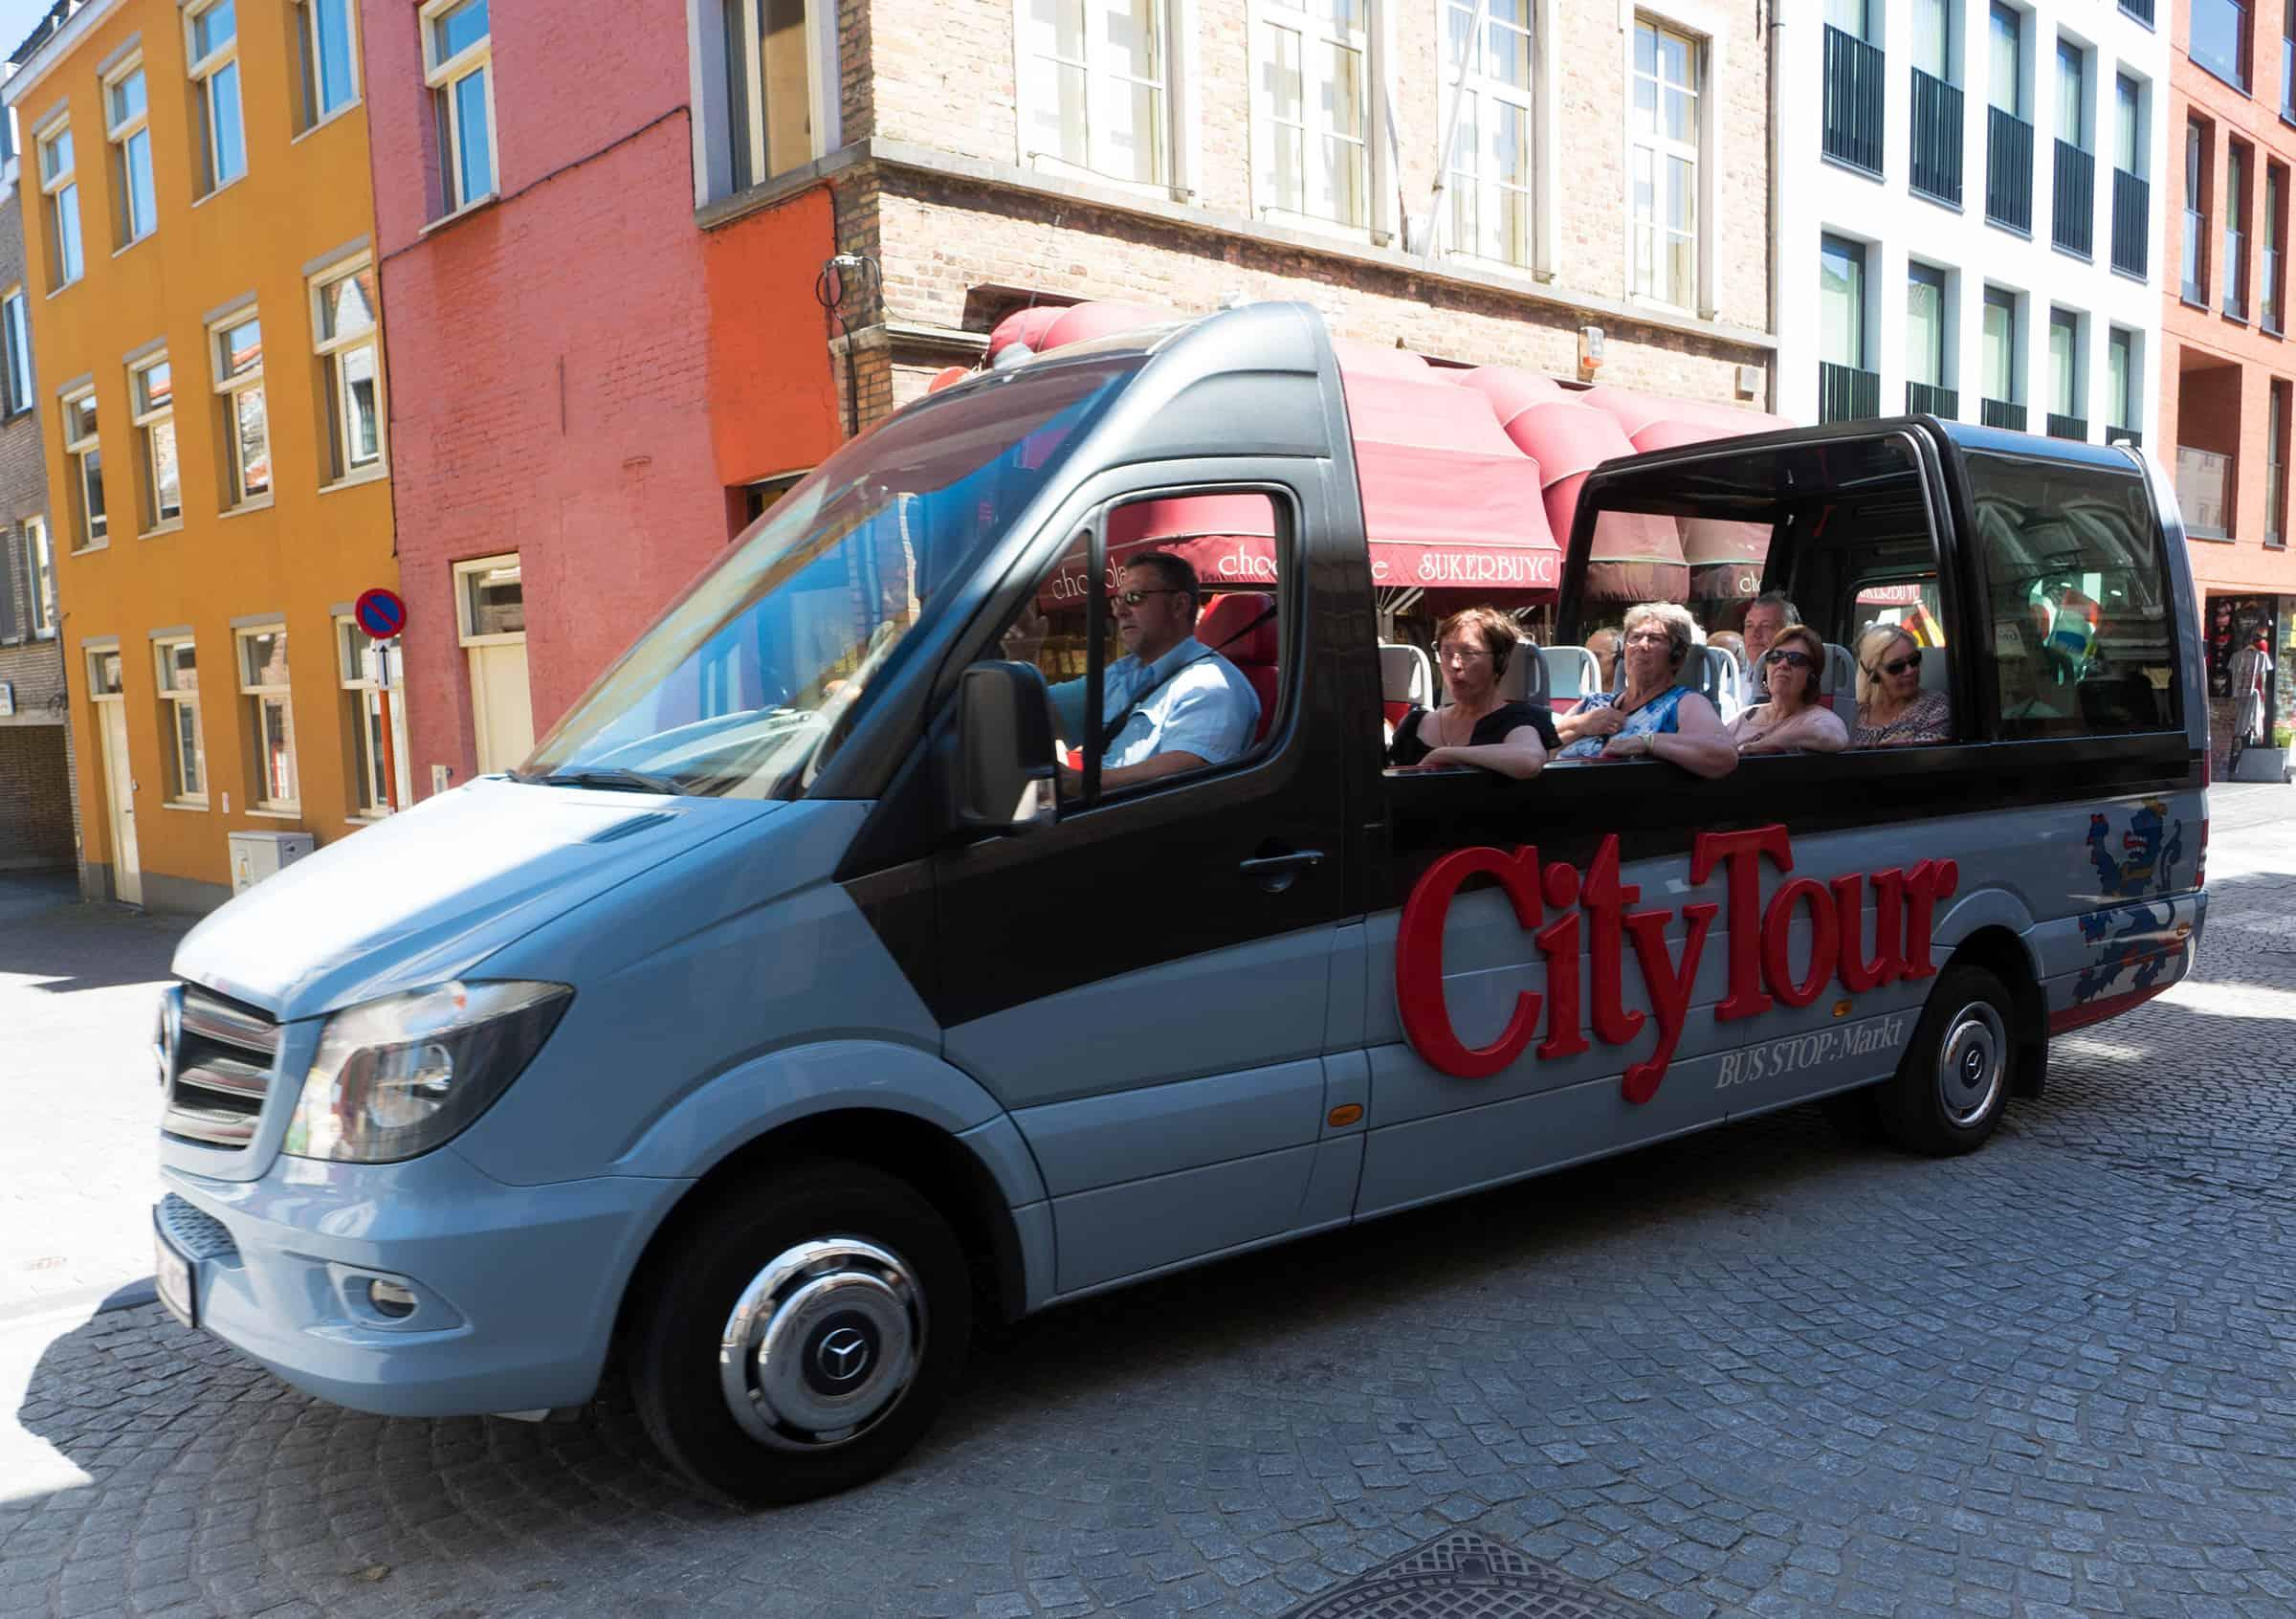 Brugge City Tour